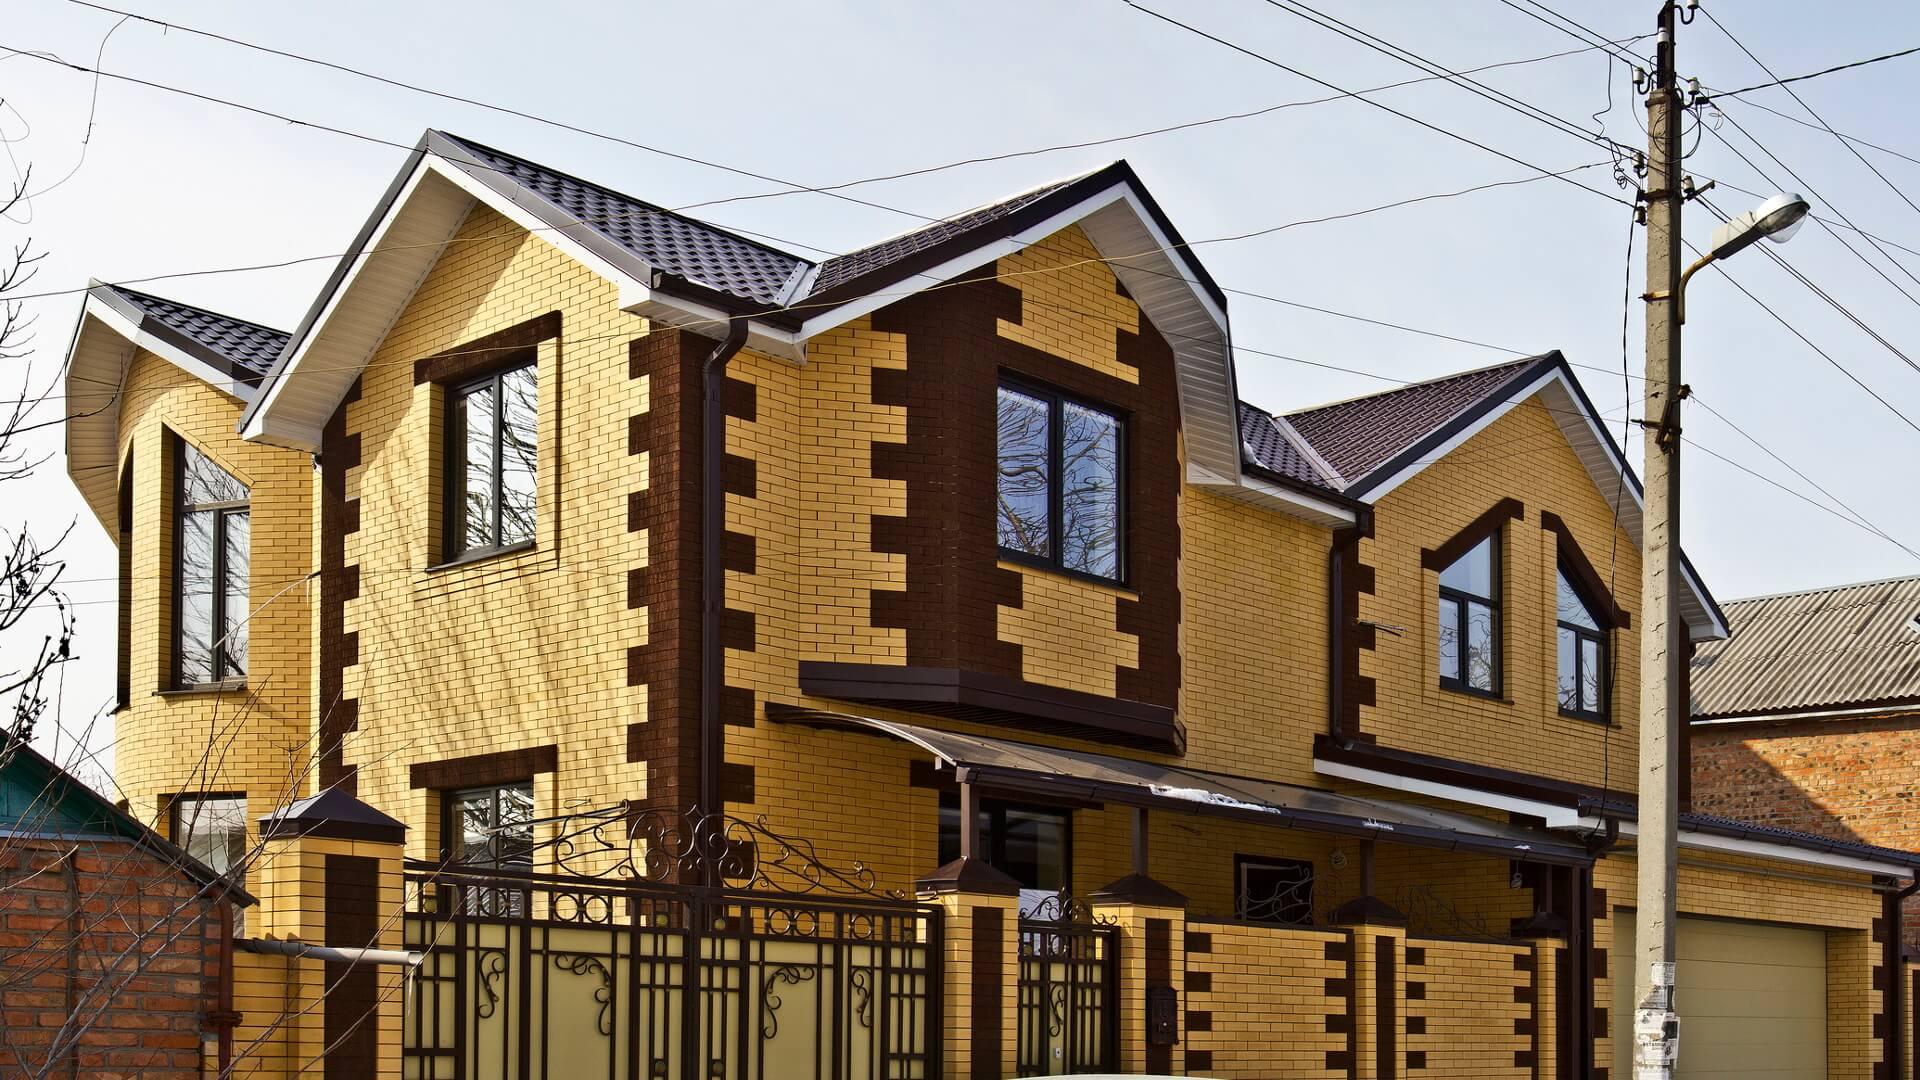 чем понять, фото домов из желтого и коричневого кирпича лично